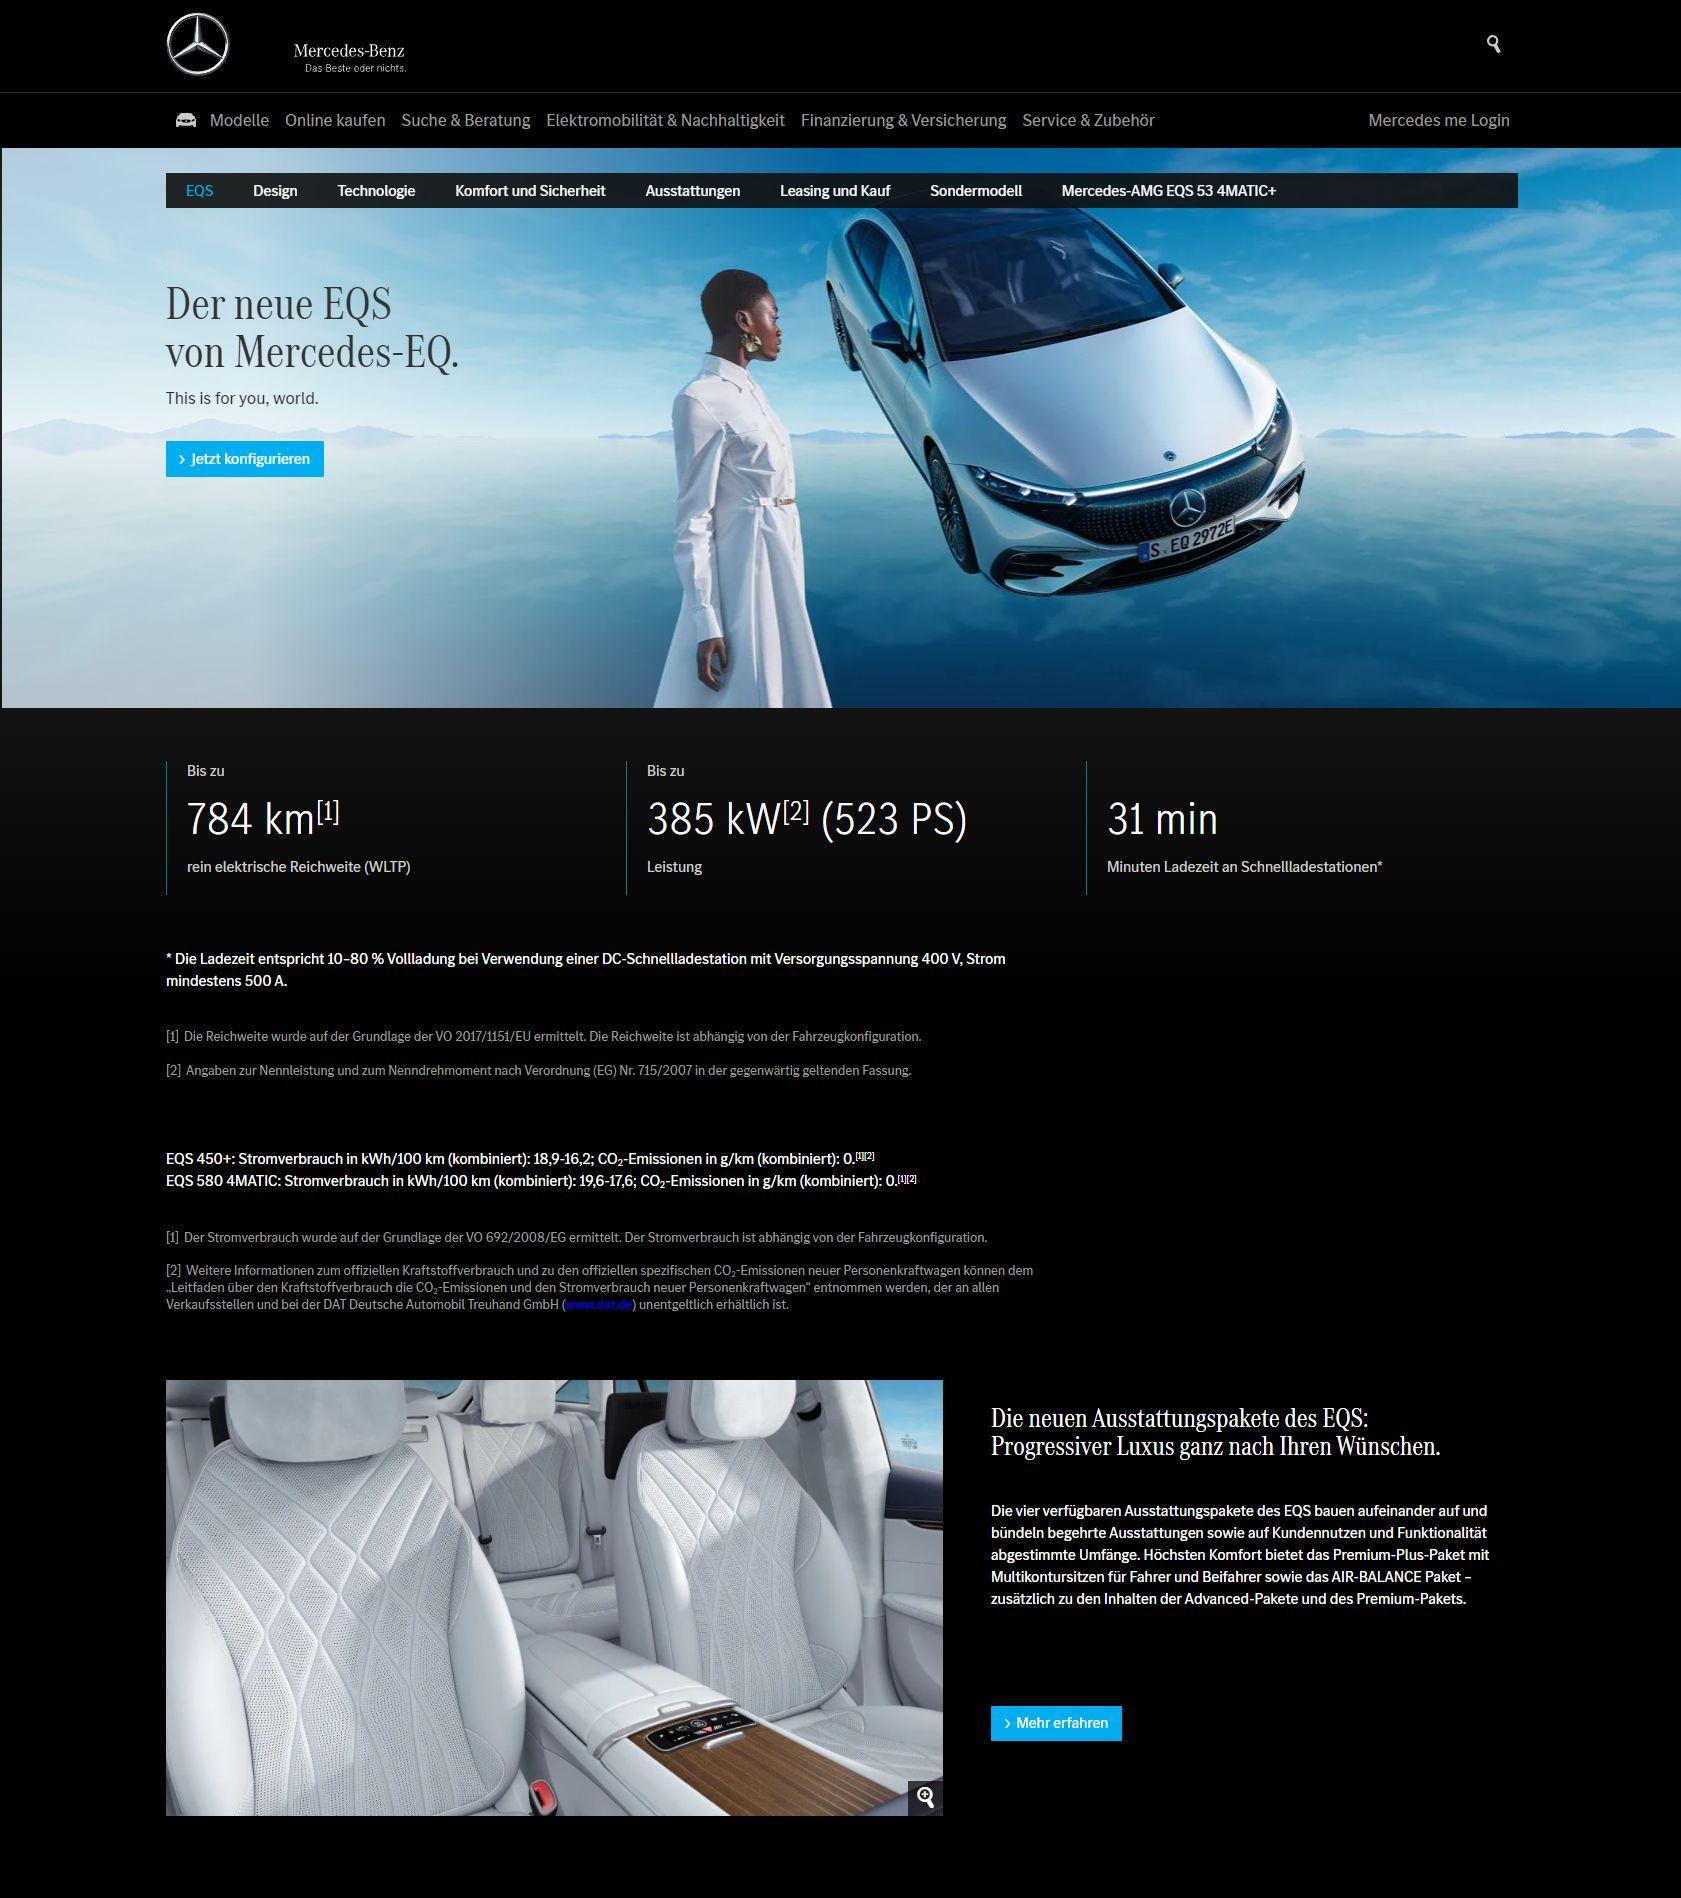 Mercedes EQS landing page short